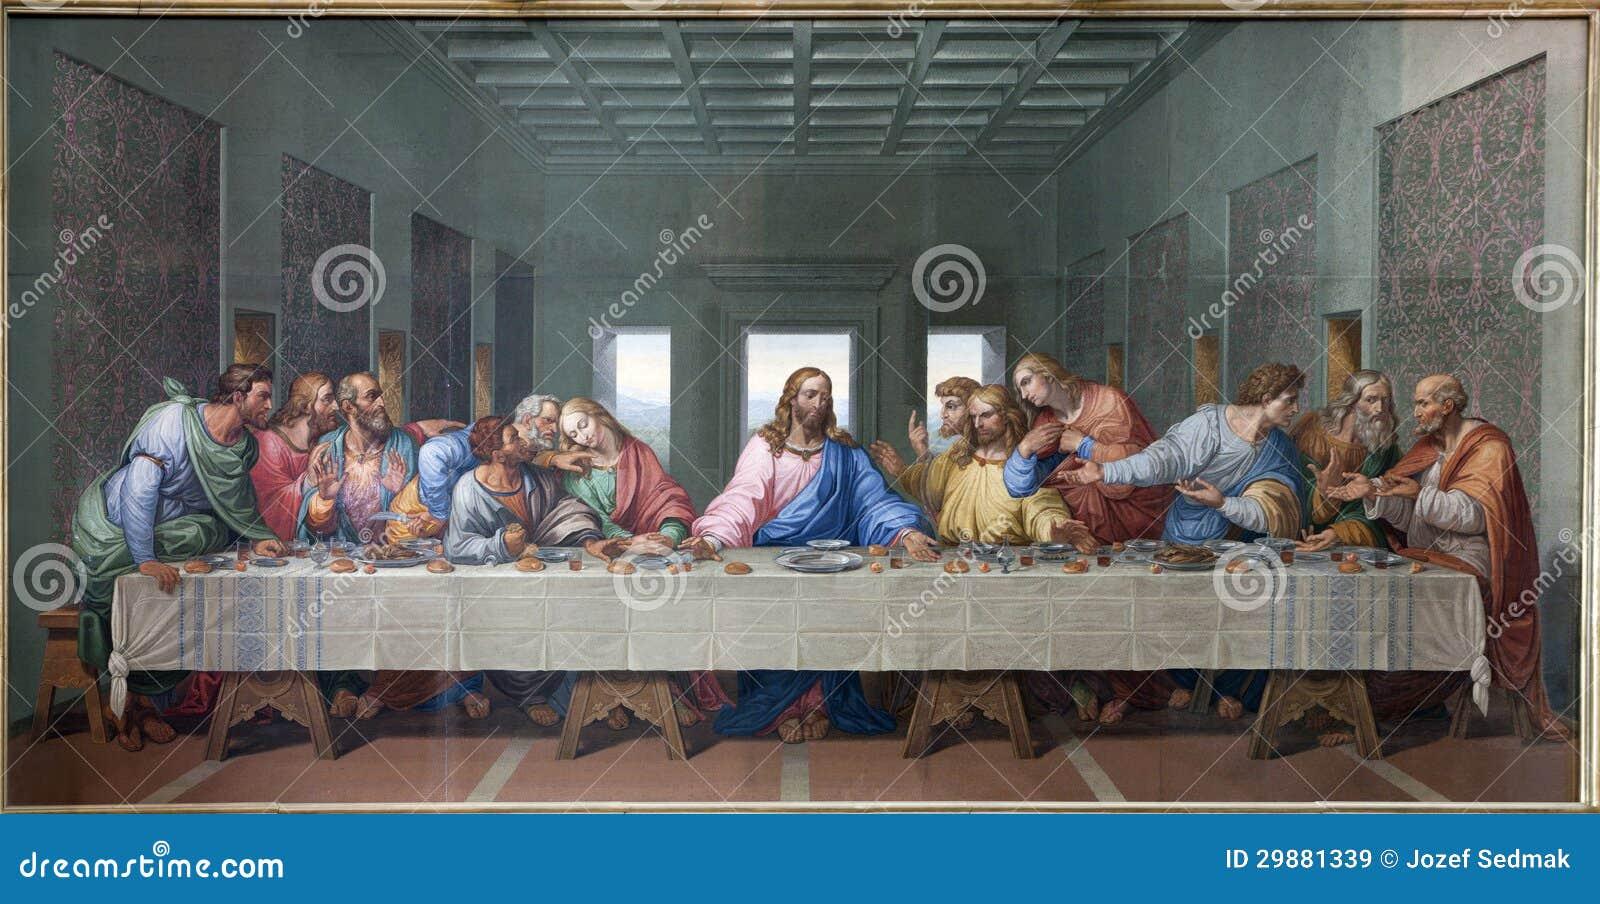 Wien - Mosaik des letzten Abendessens von Jesus